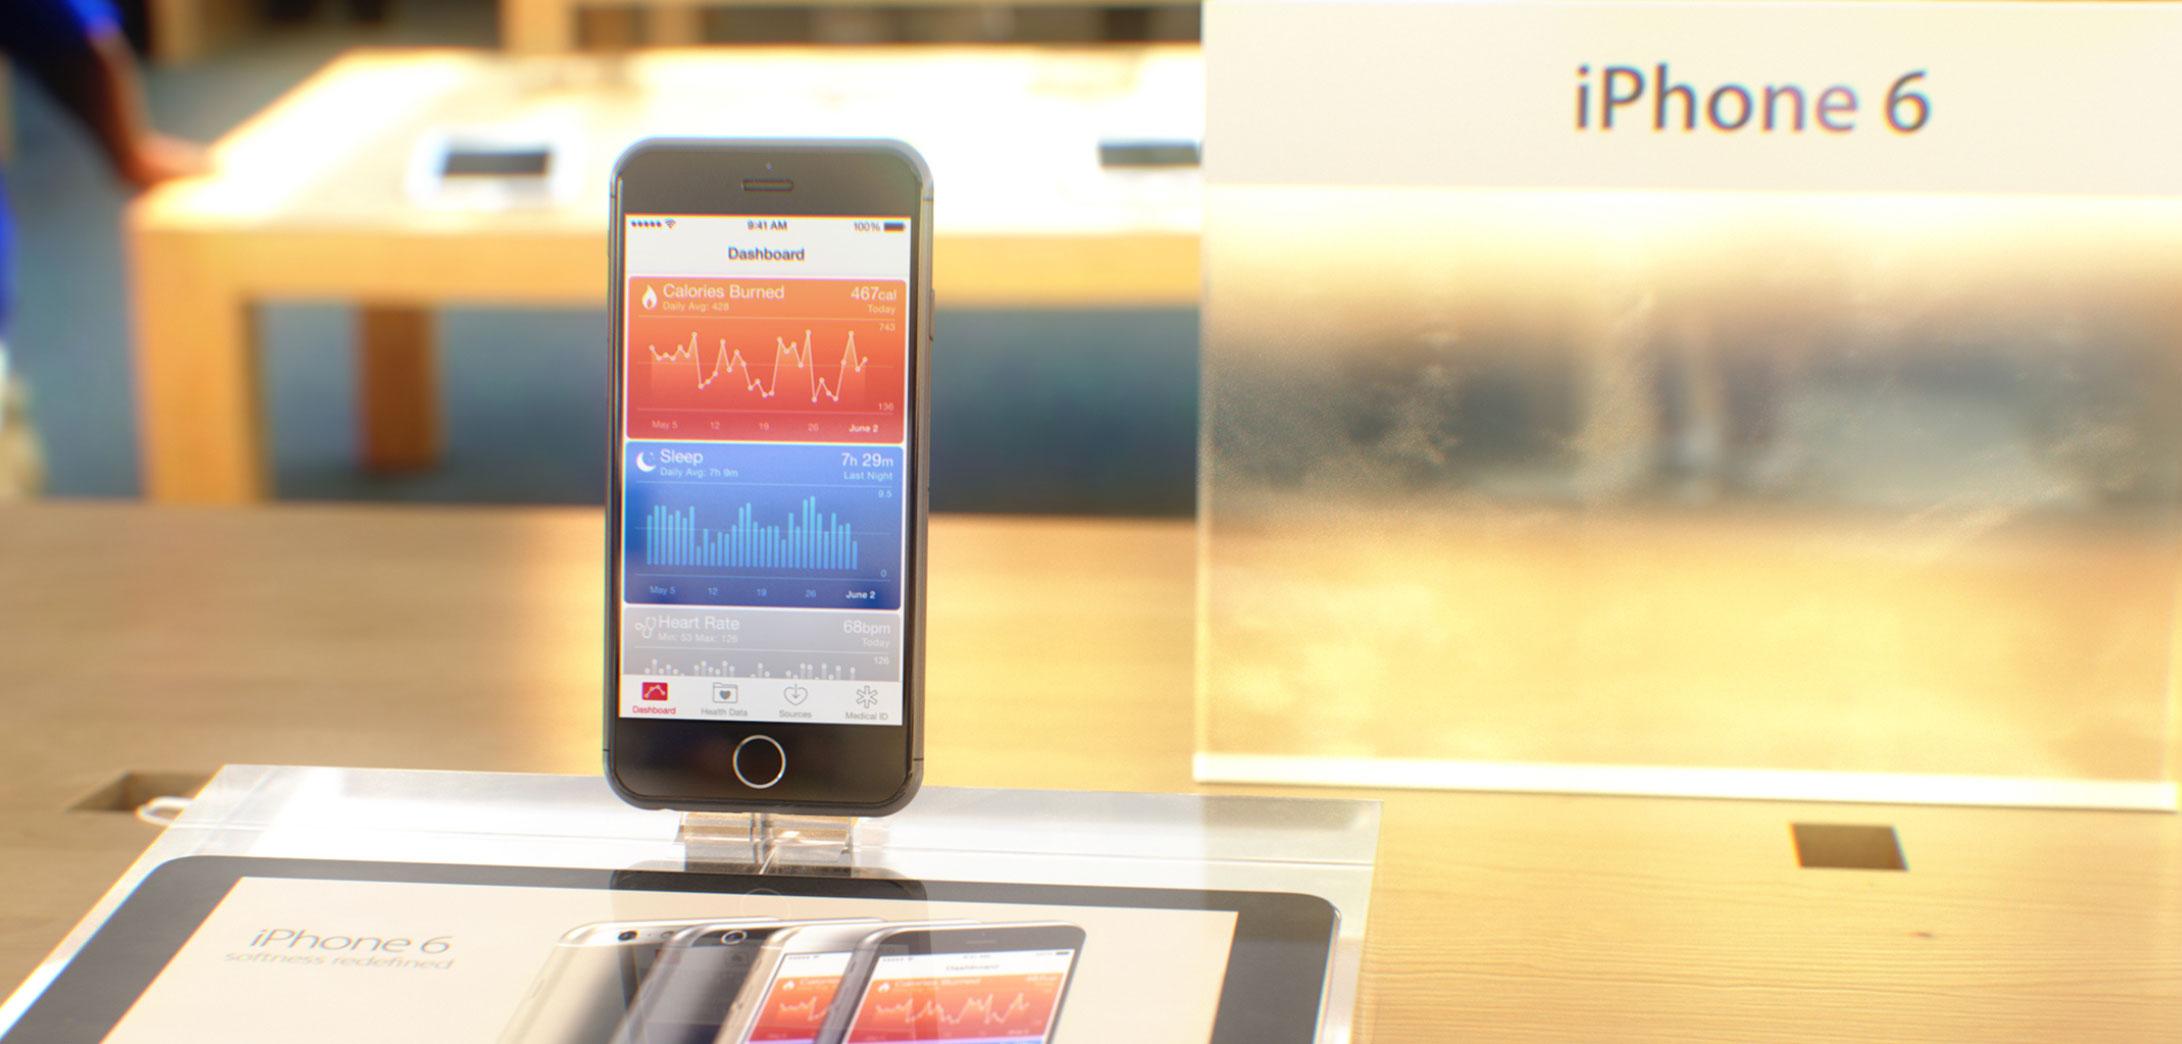 iPhone 6 получит чип NFC, процессор A8 и 1 ГБ оперативной памяти